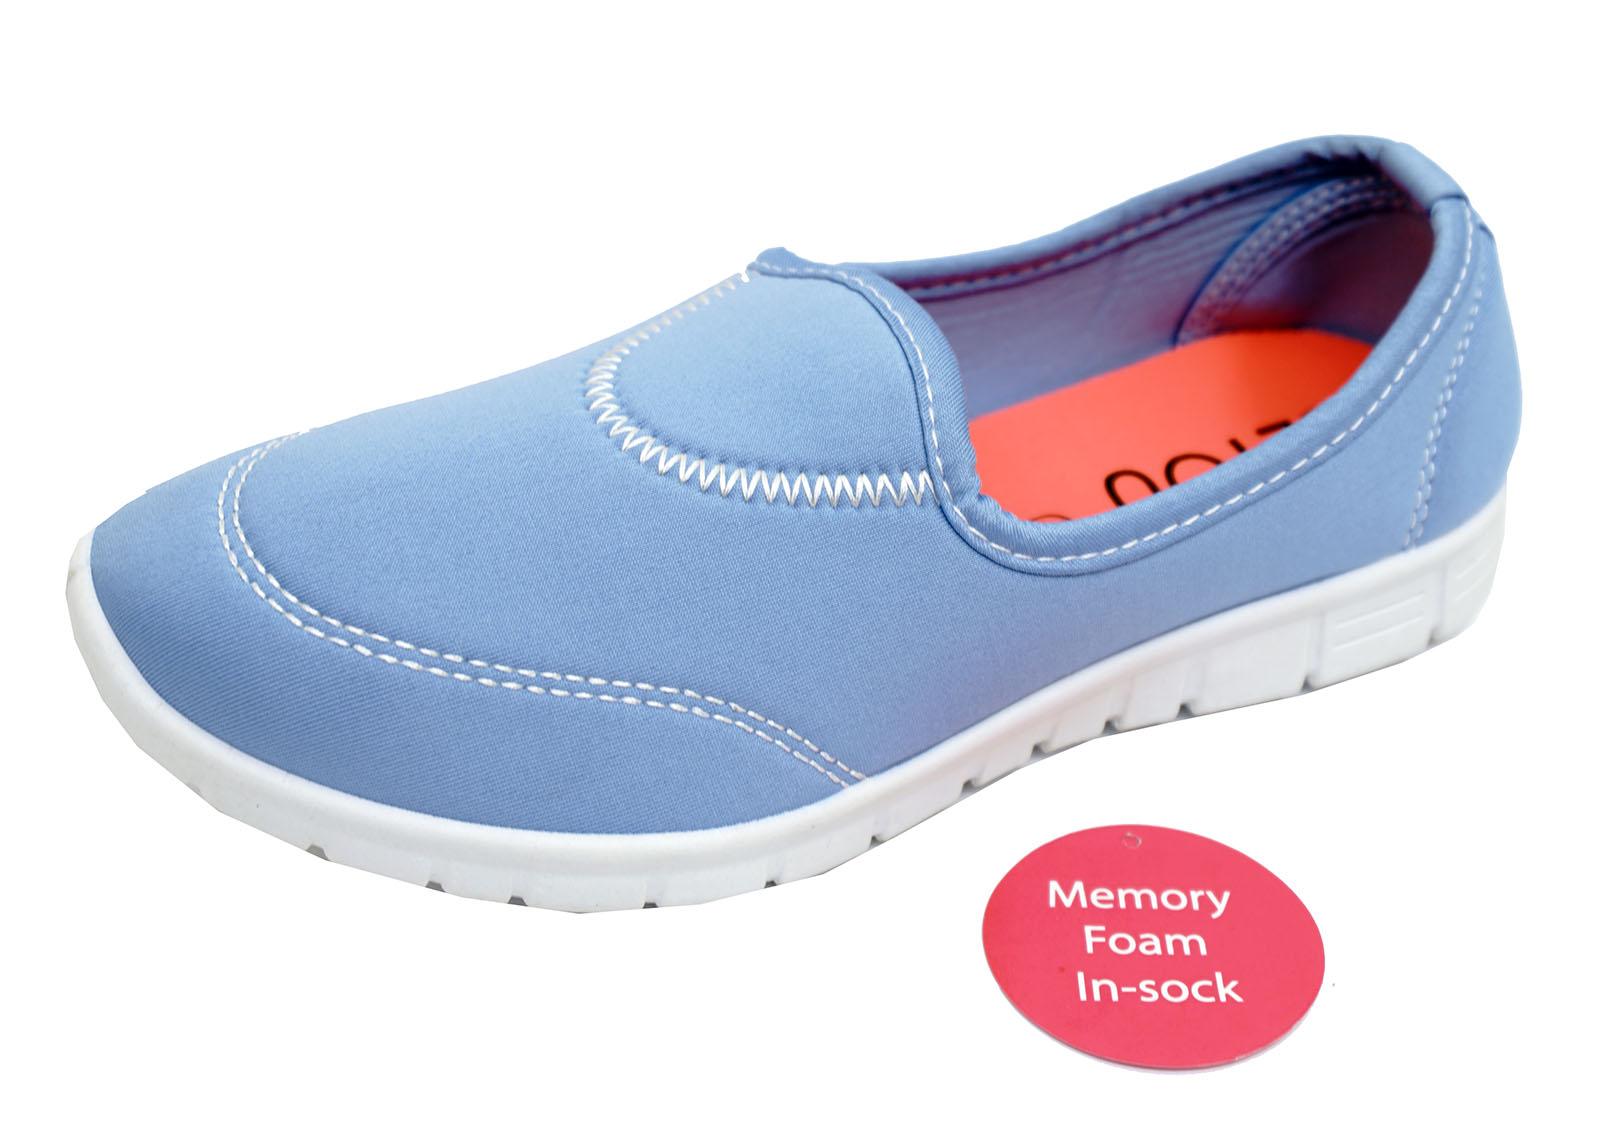 Damen blau zum reinschlüpfen Memory Foam Komfort Wanderschuhe Turnschuhe